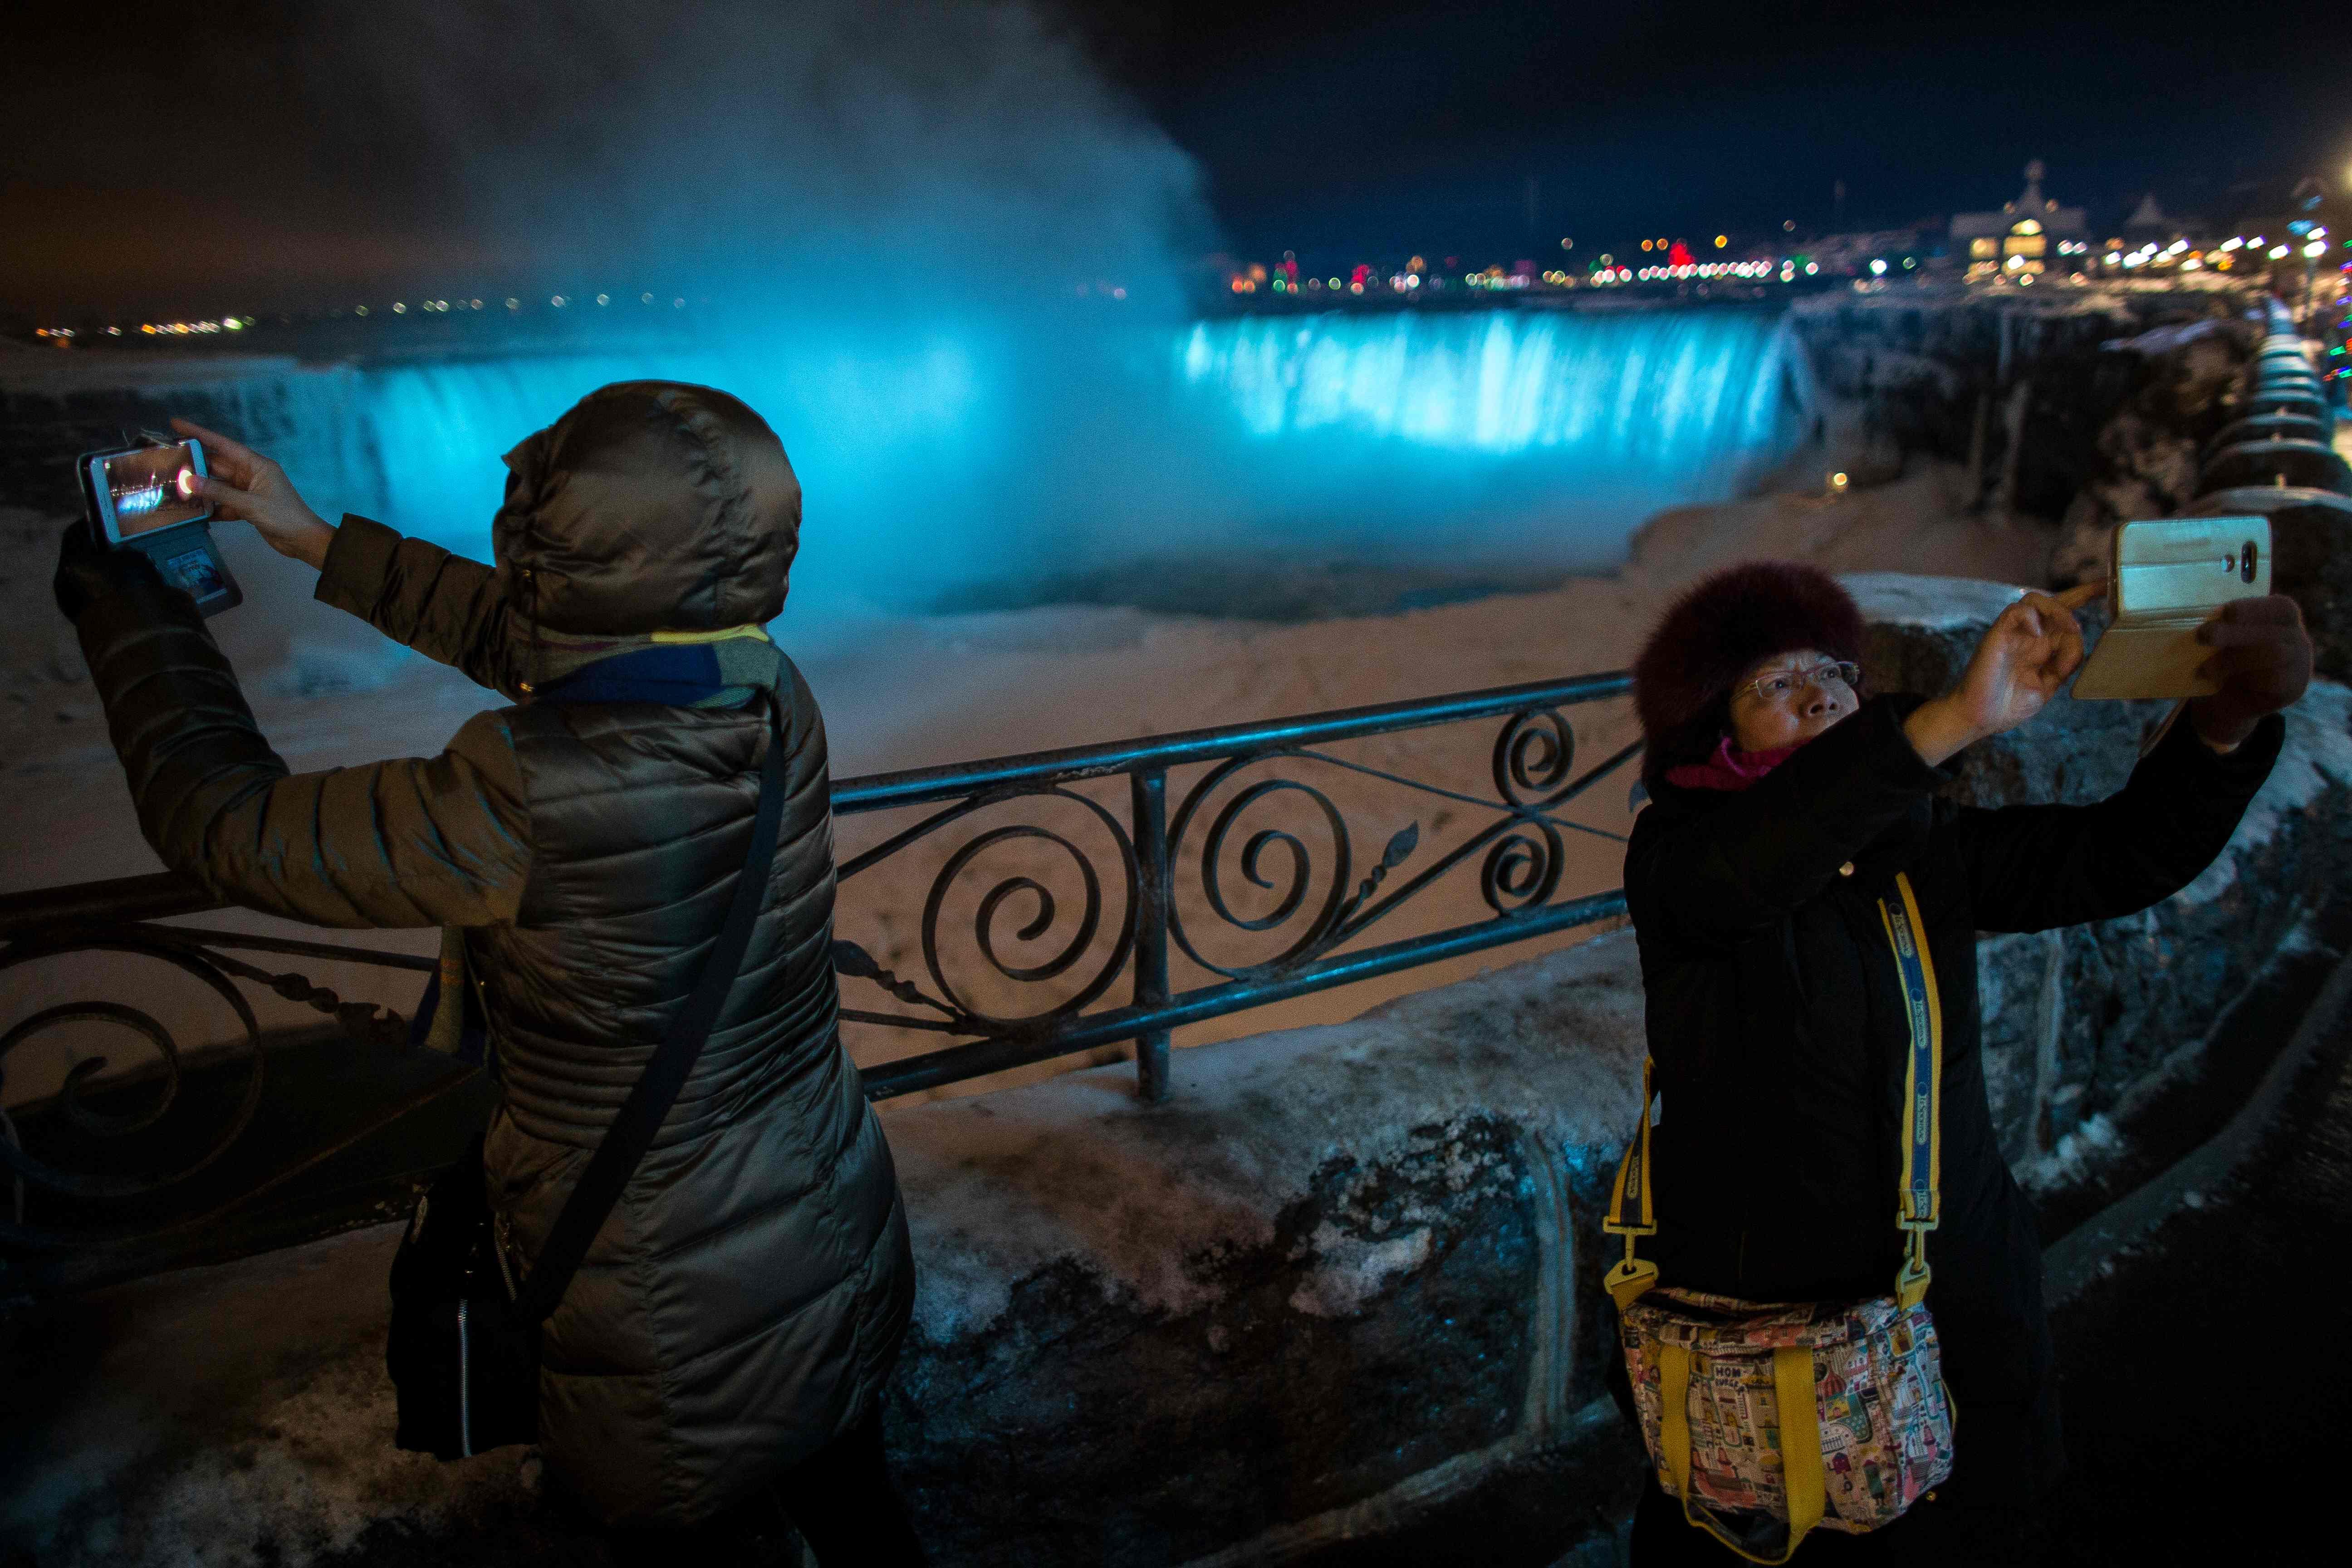 السياح يتوافدون على شلالات نياجرا المتجمدة